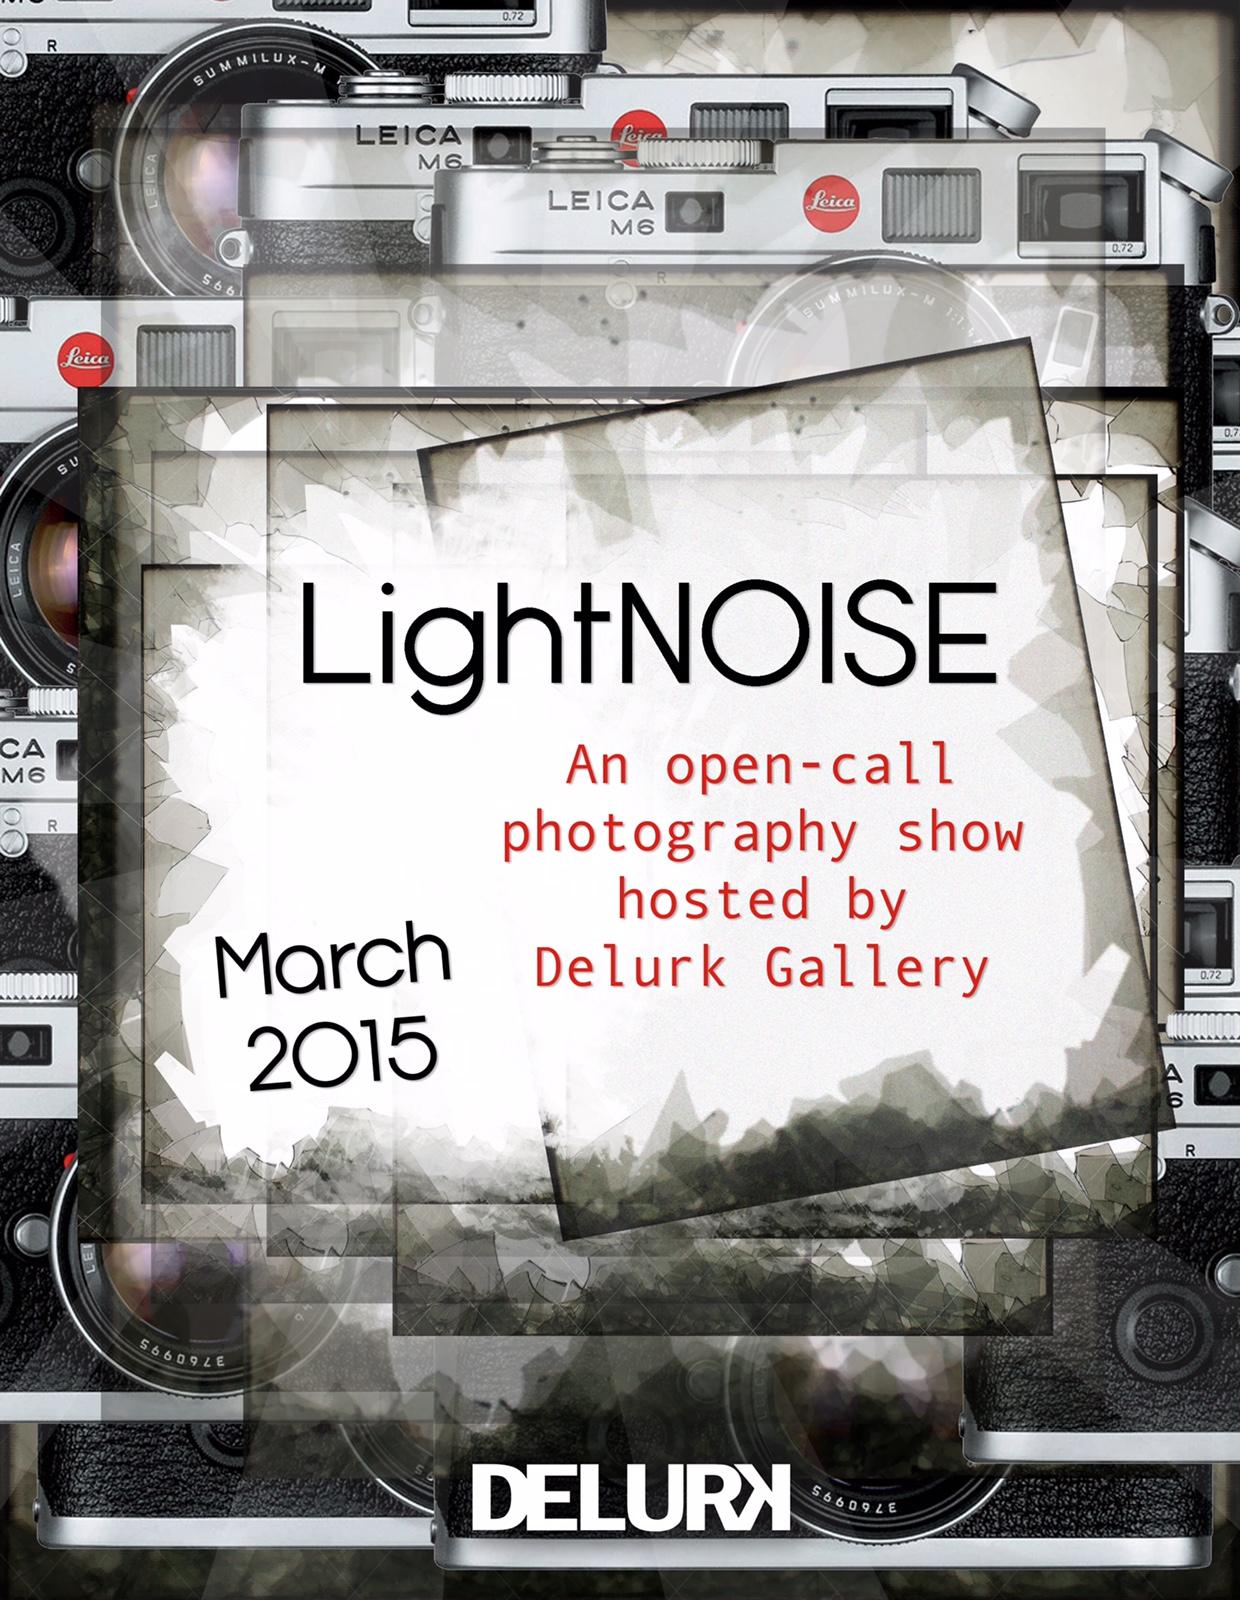 LightNOISE.jpg